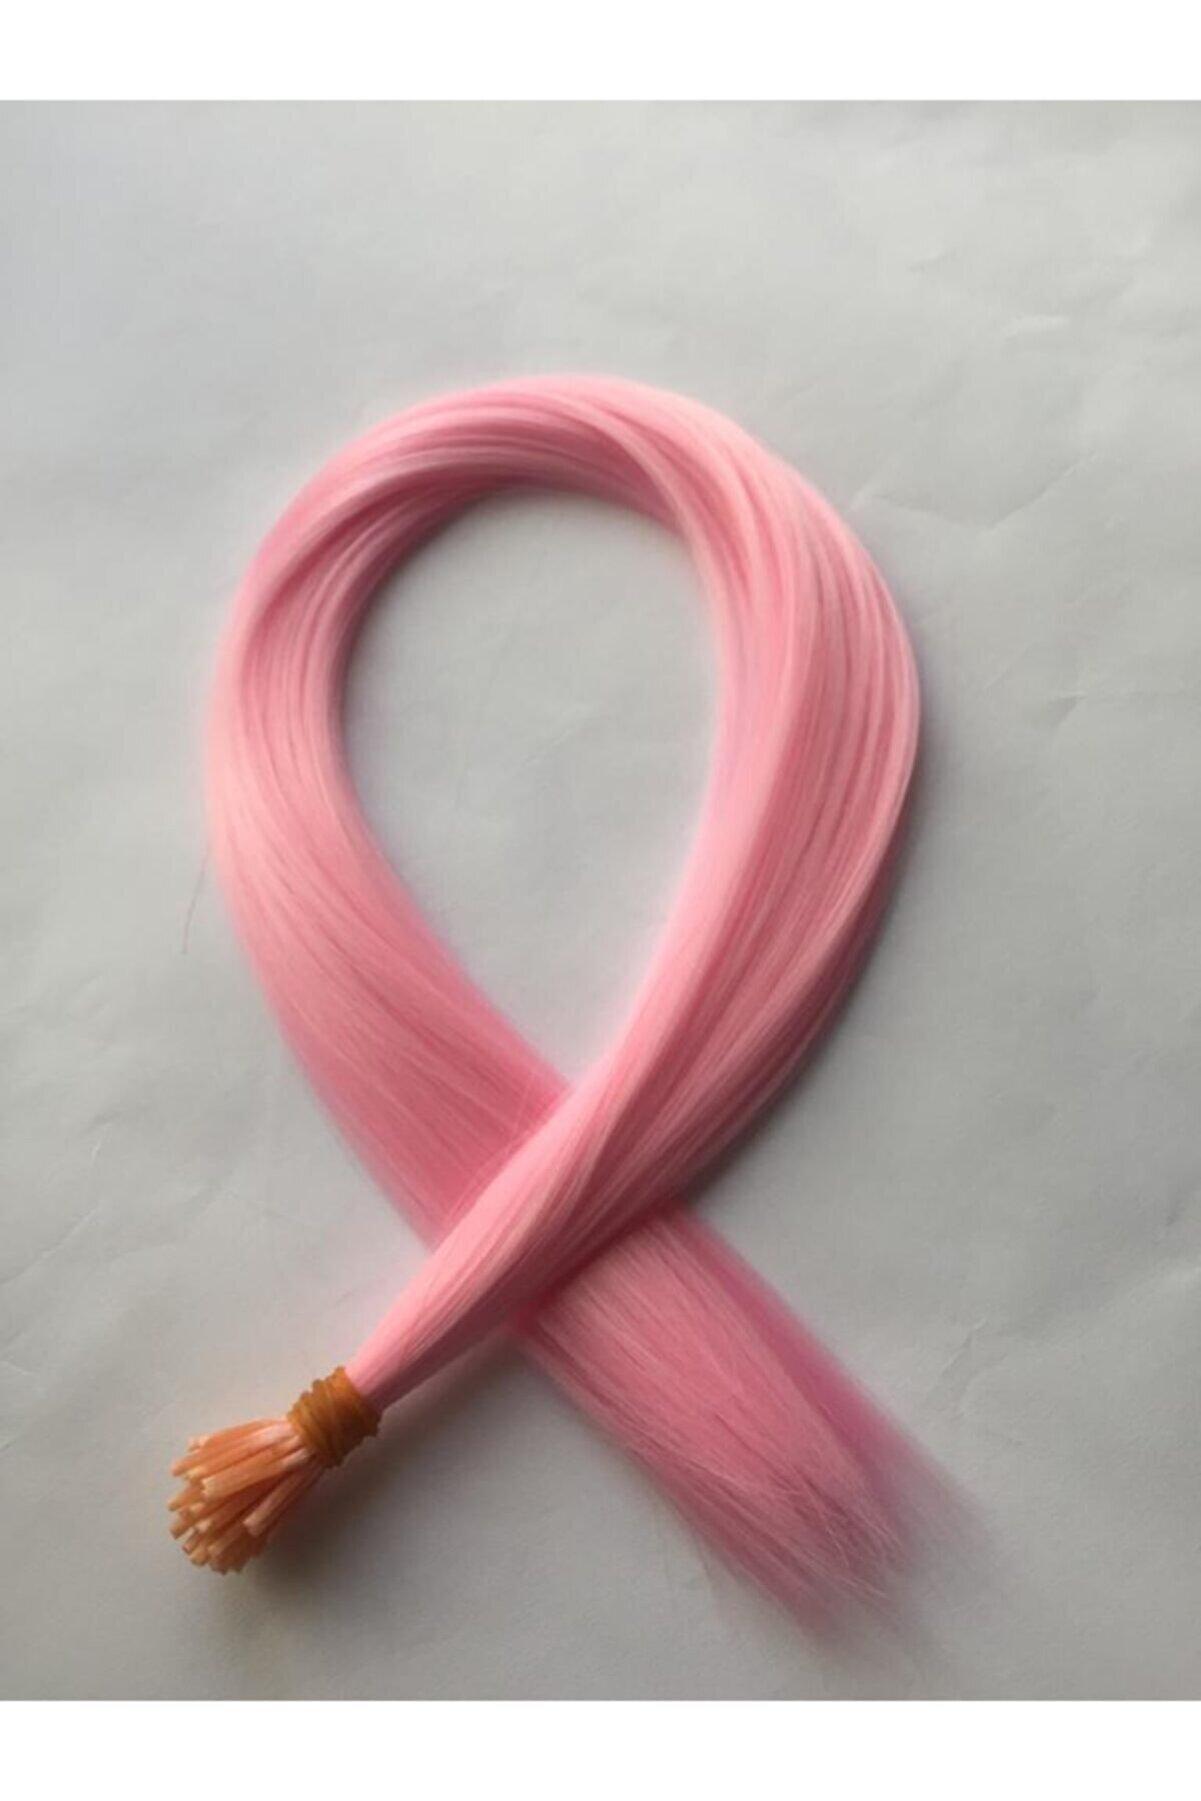 rüyam satış Renkli Sentetik Boncuk Kaynaklık Saç Takım Aparatı Şeker Pembe 10 Adet